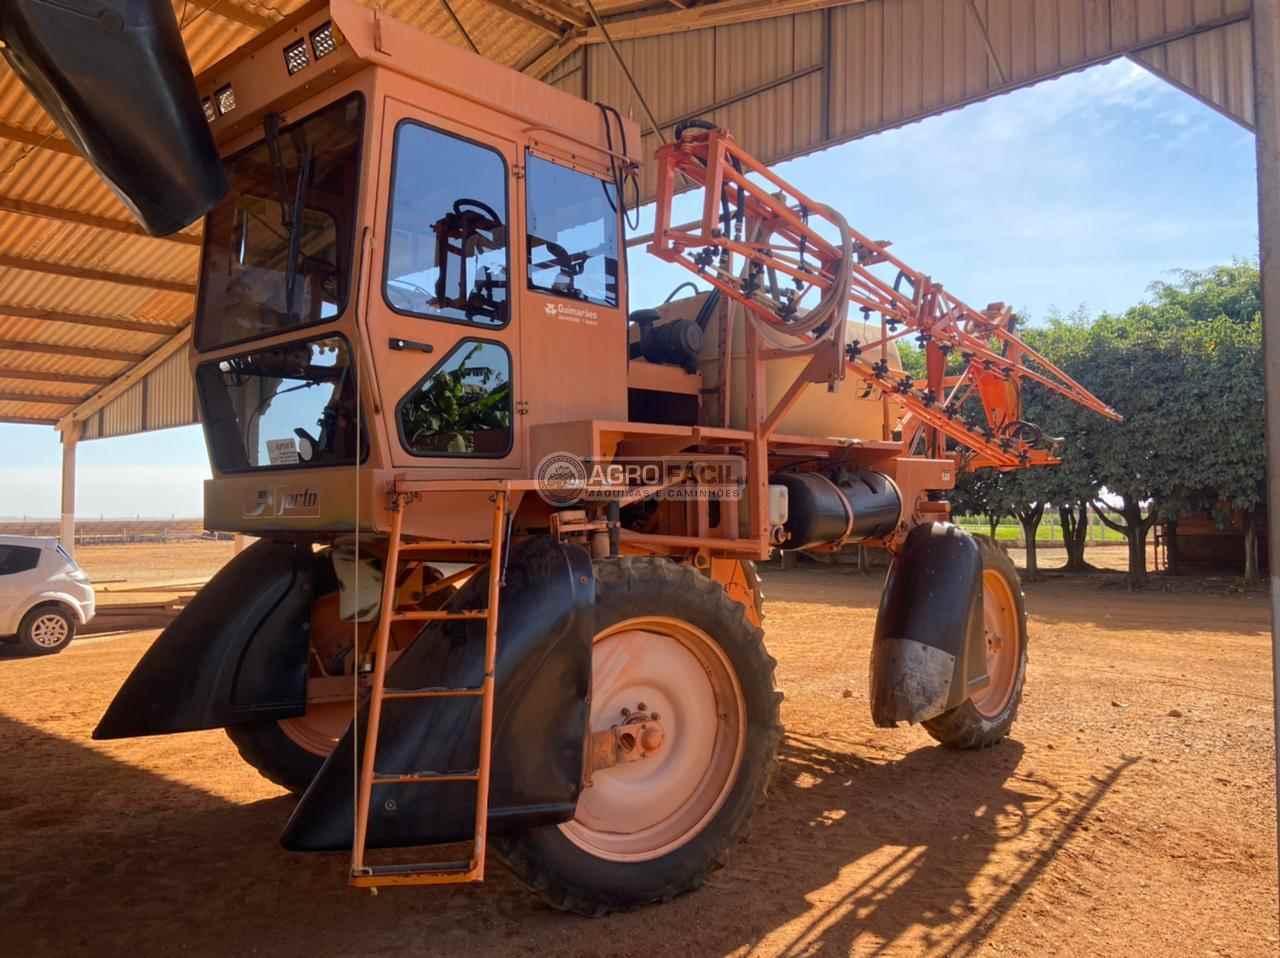 PULVERIZADOR JACTO UNIPORT 2000 Tração 4x2 Agro Fácil Máquinas PRIMAVERA DO LESTE MATO GROSSO MT